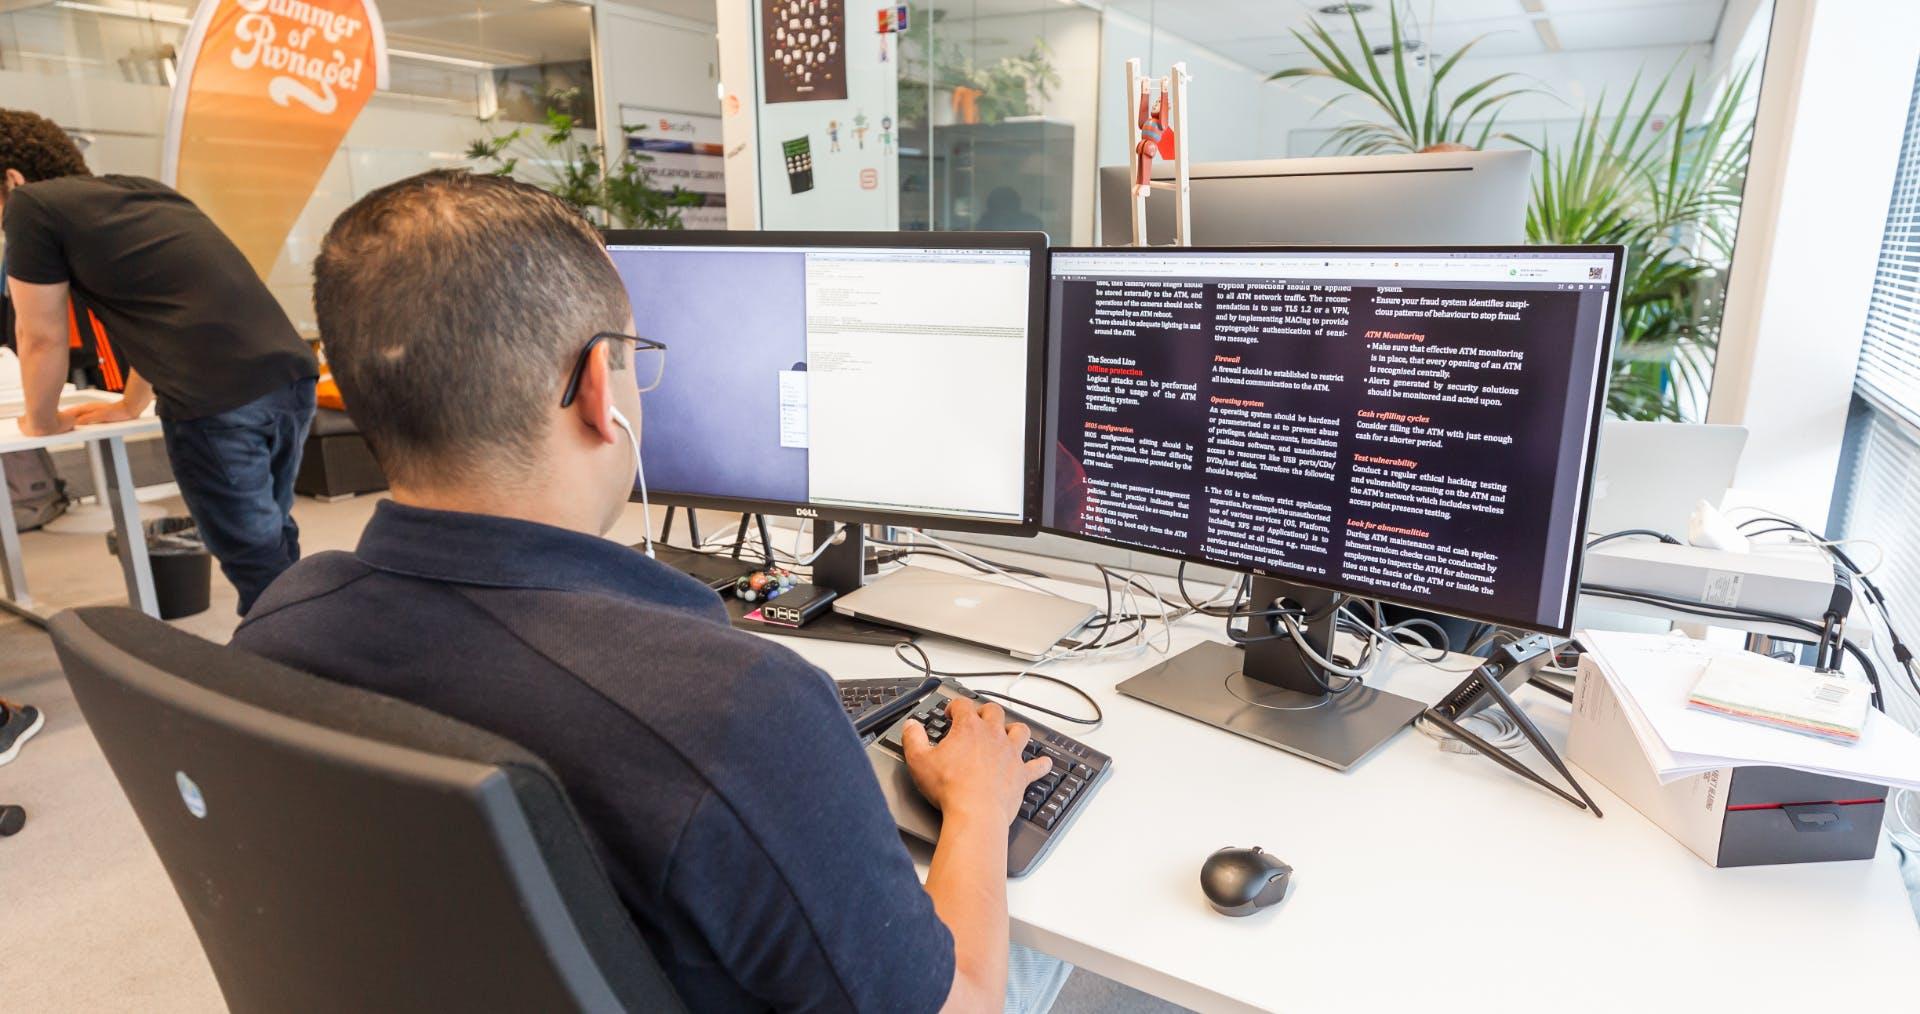 Man at work behind desk